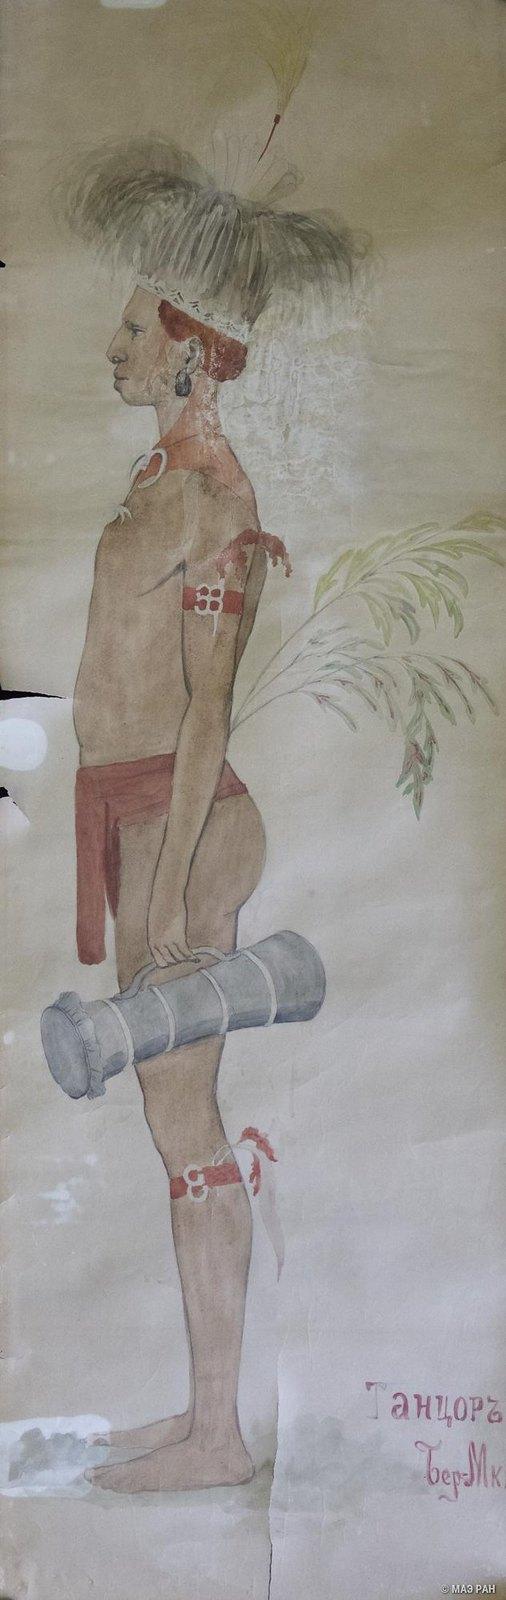 1880-е. Участник обрядовой пляски. Папуасы Новой Гвинеи.